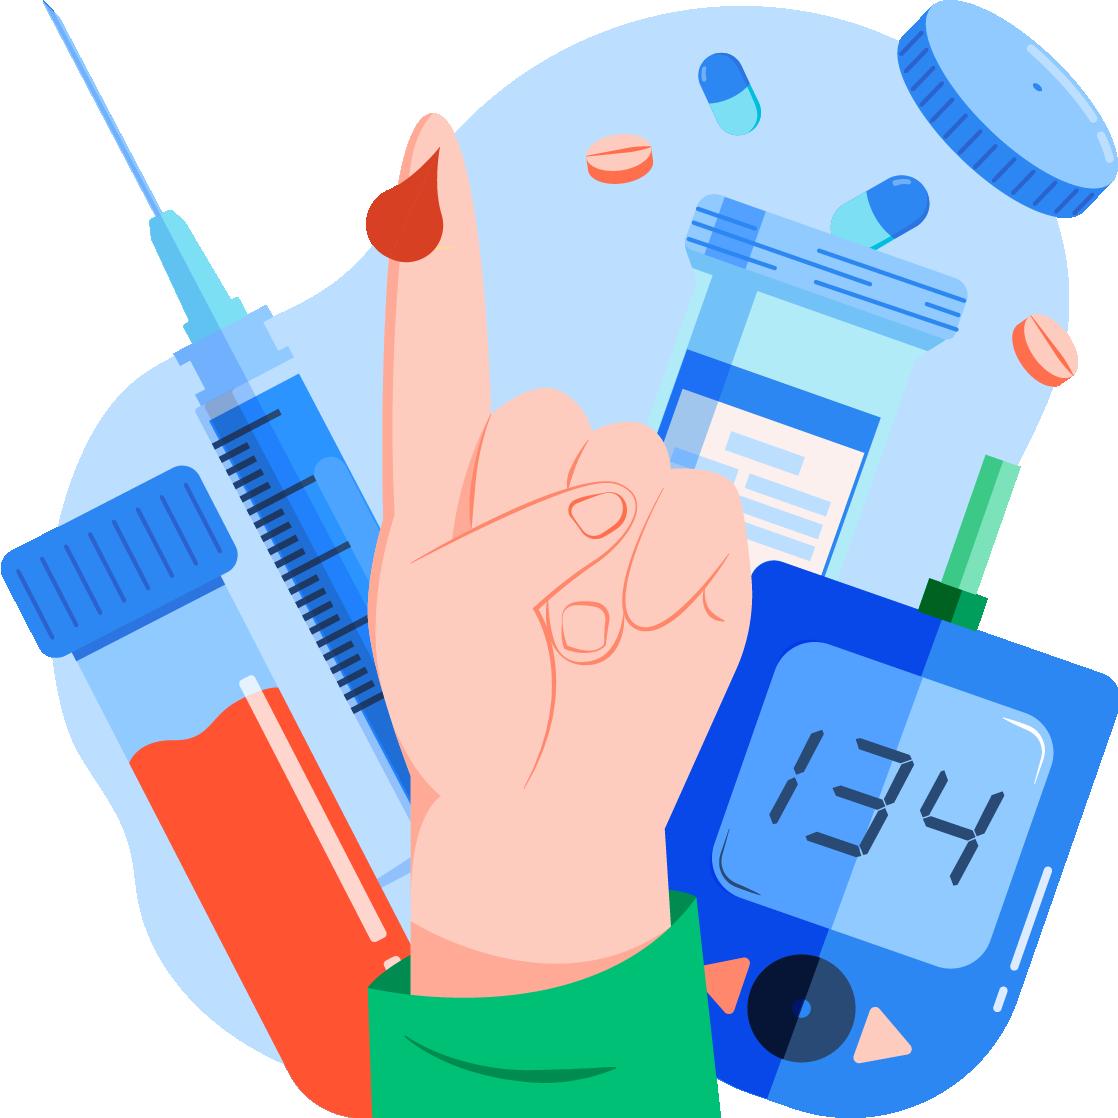 九成民眾糖尿病前期不自知!1分鐘自我風險檢測